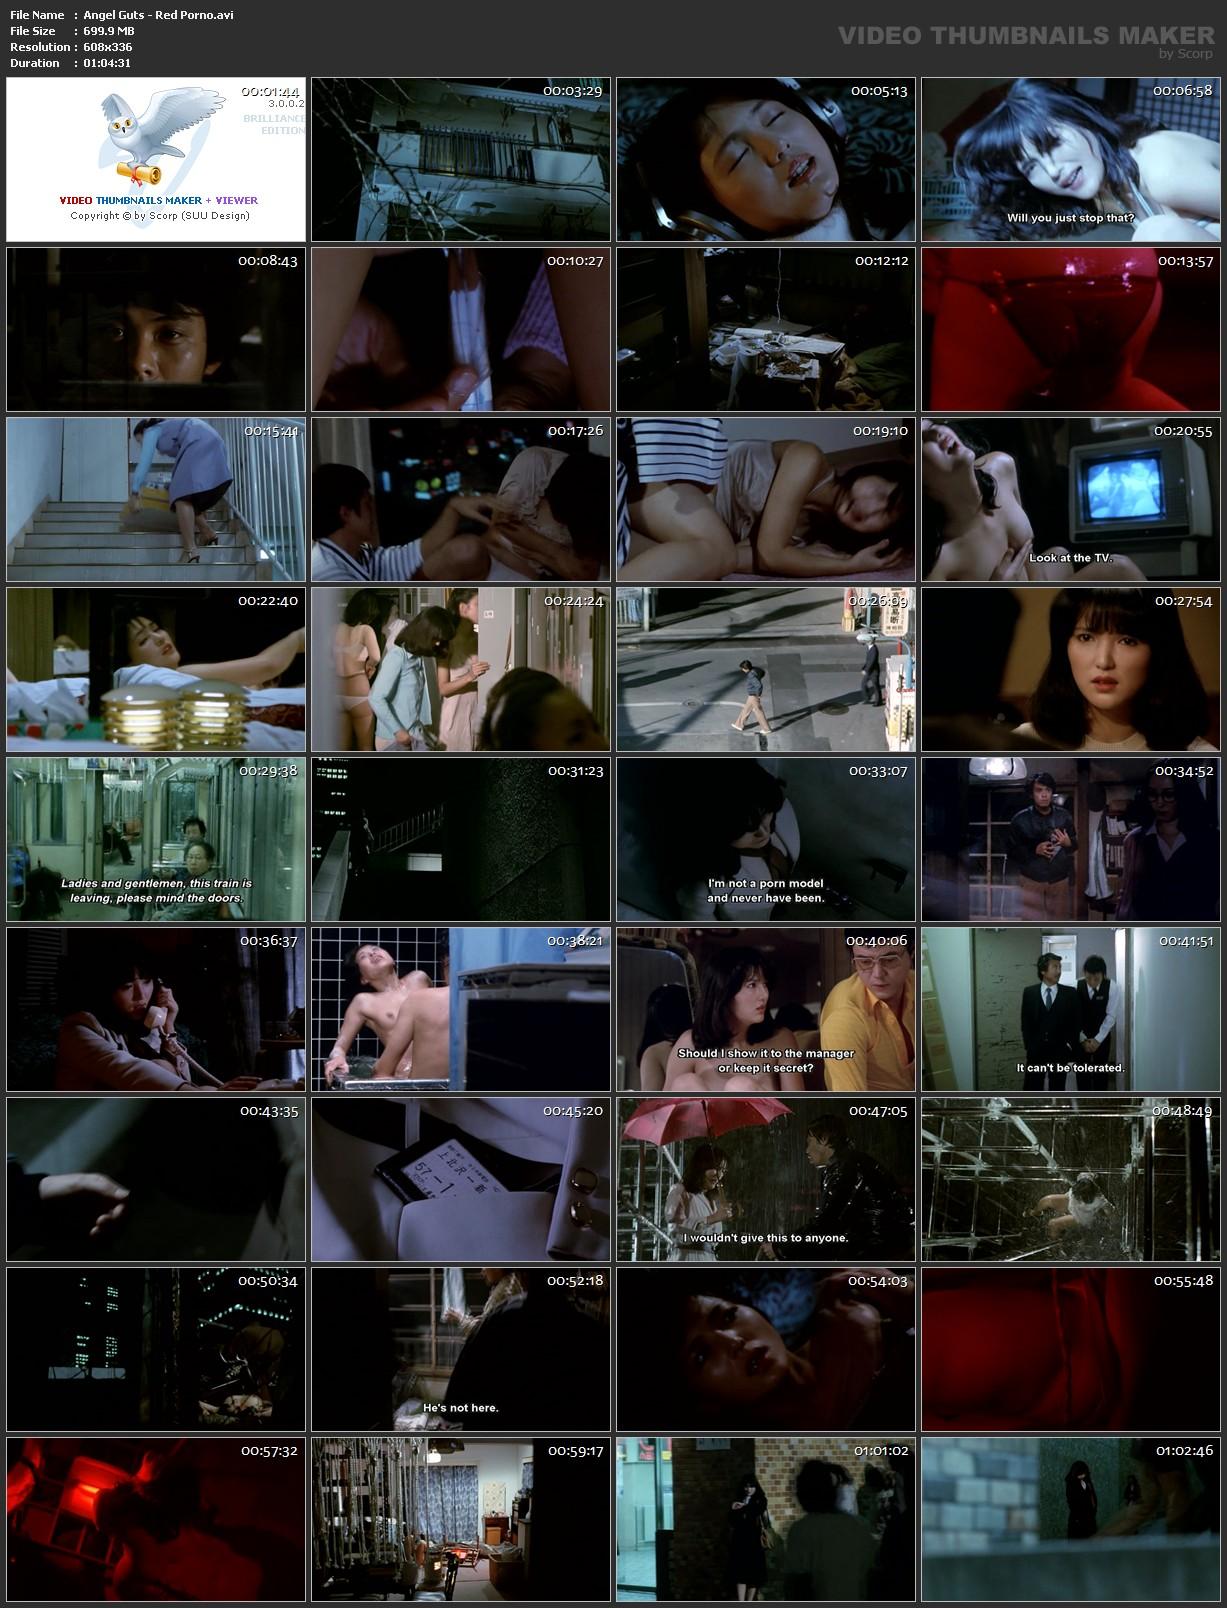 Angel Guts Red Porno-Tenshi No Harawata Akai Inga 1981 angel guts: red porno 1981   download movie